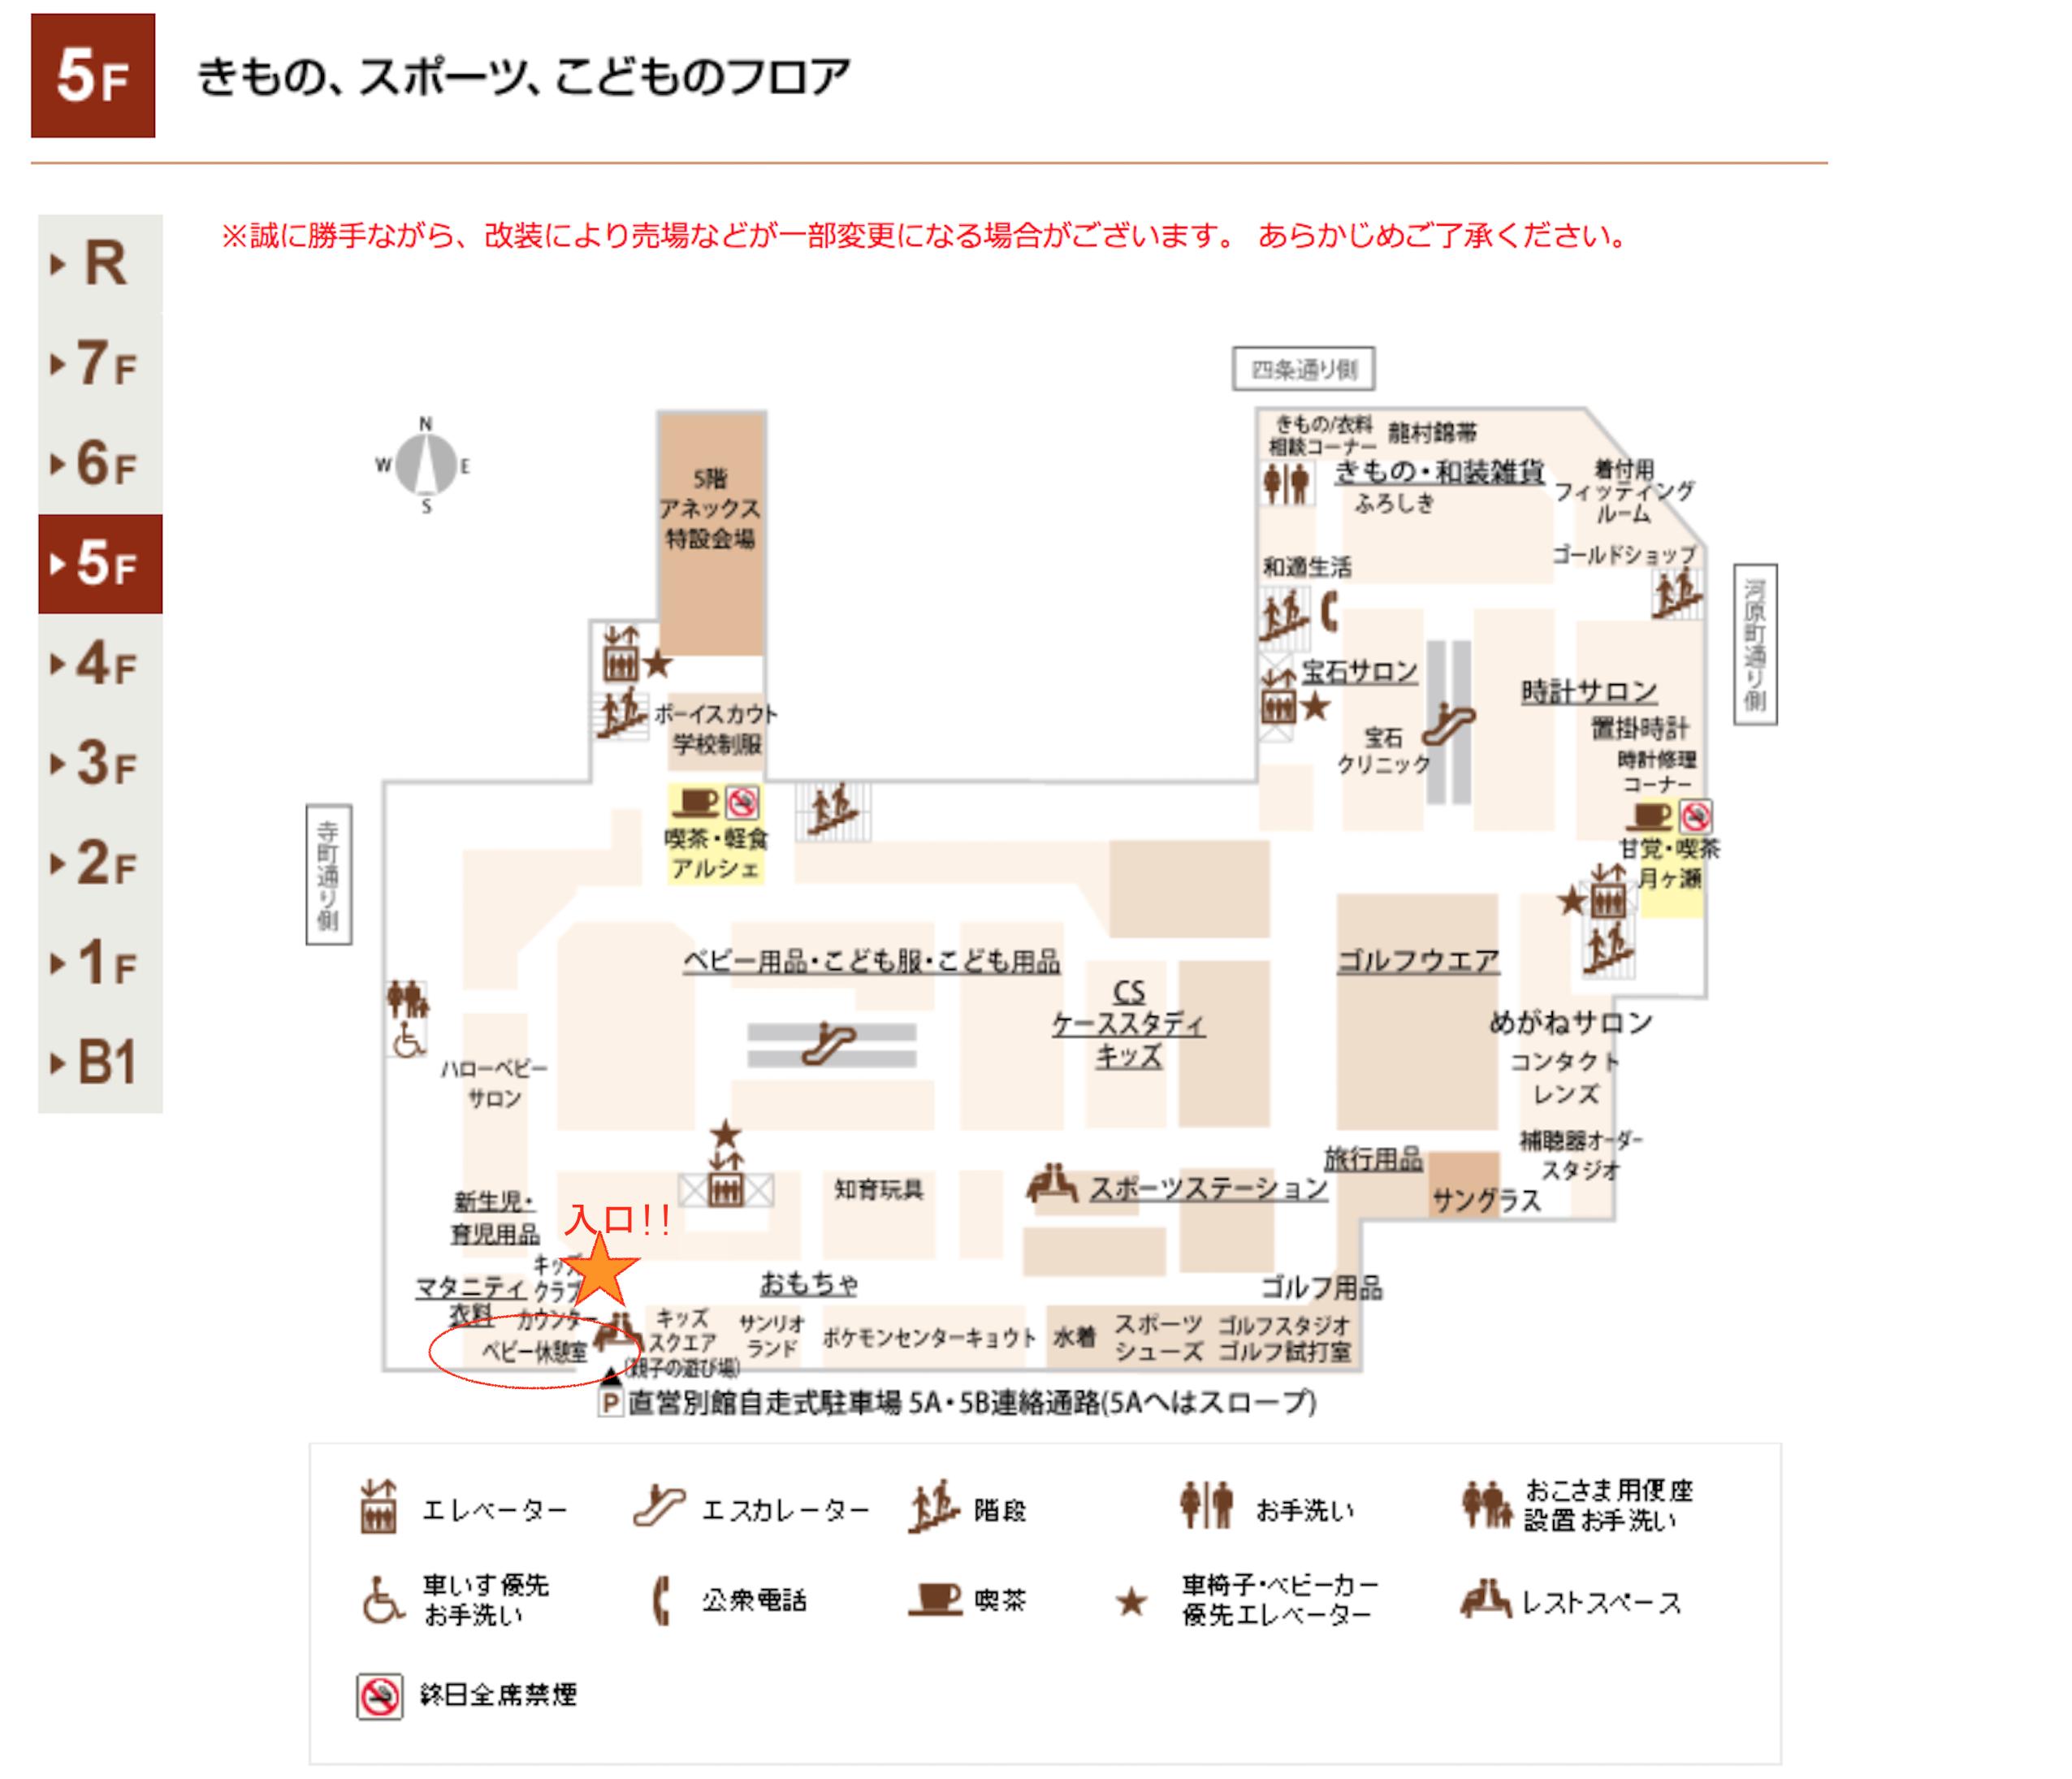 京都高島屋5階フロアガイド